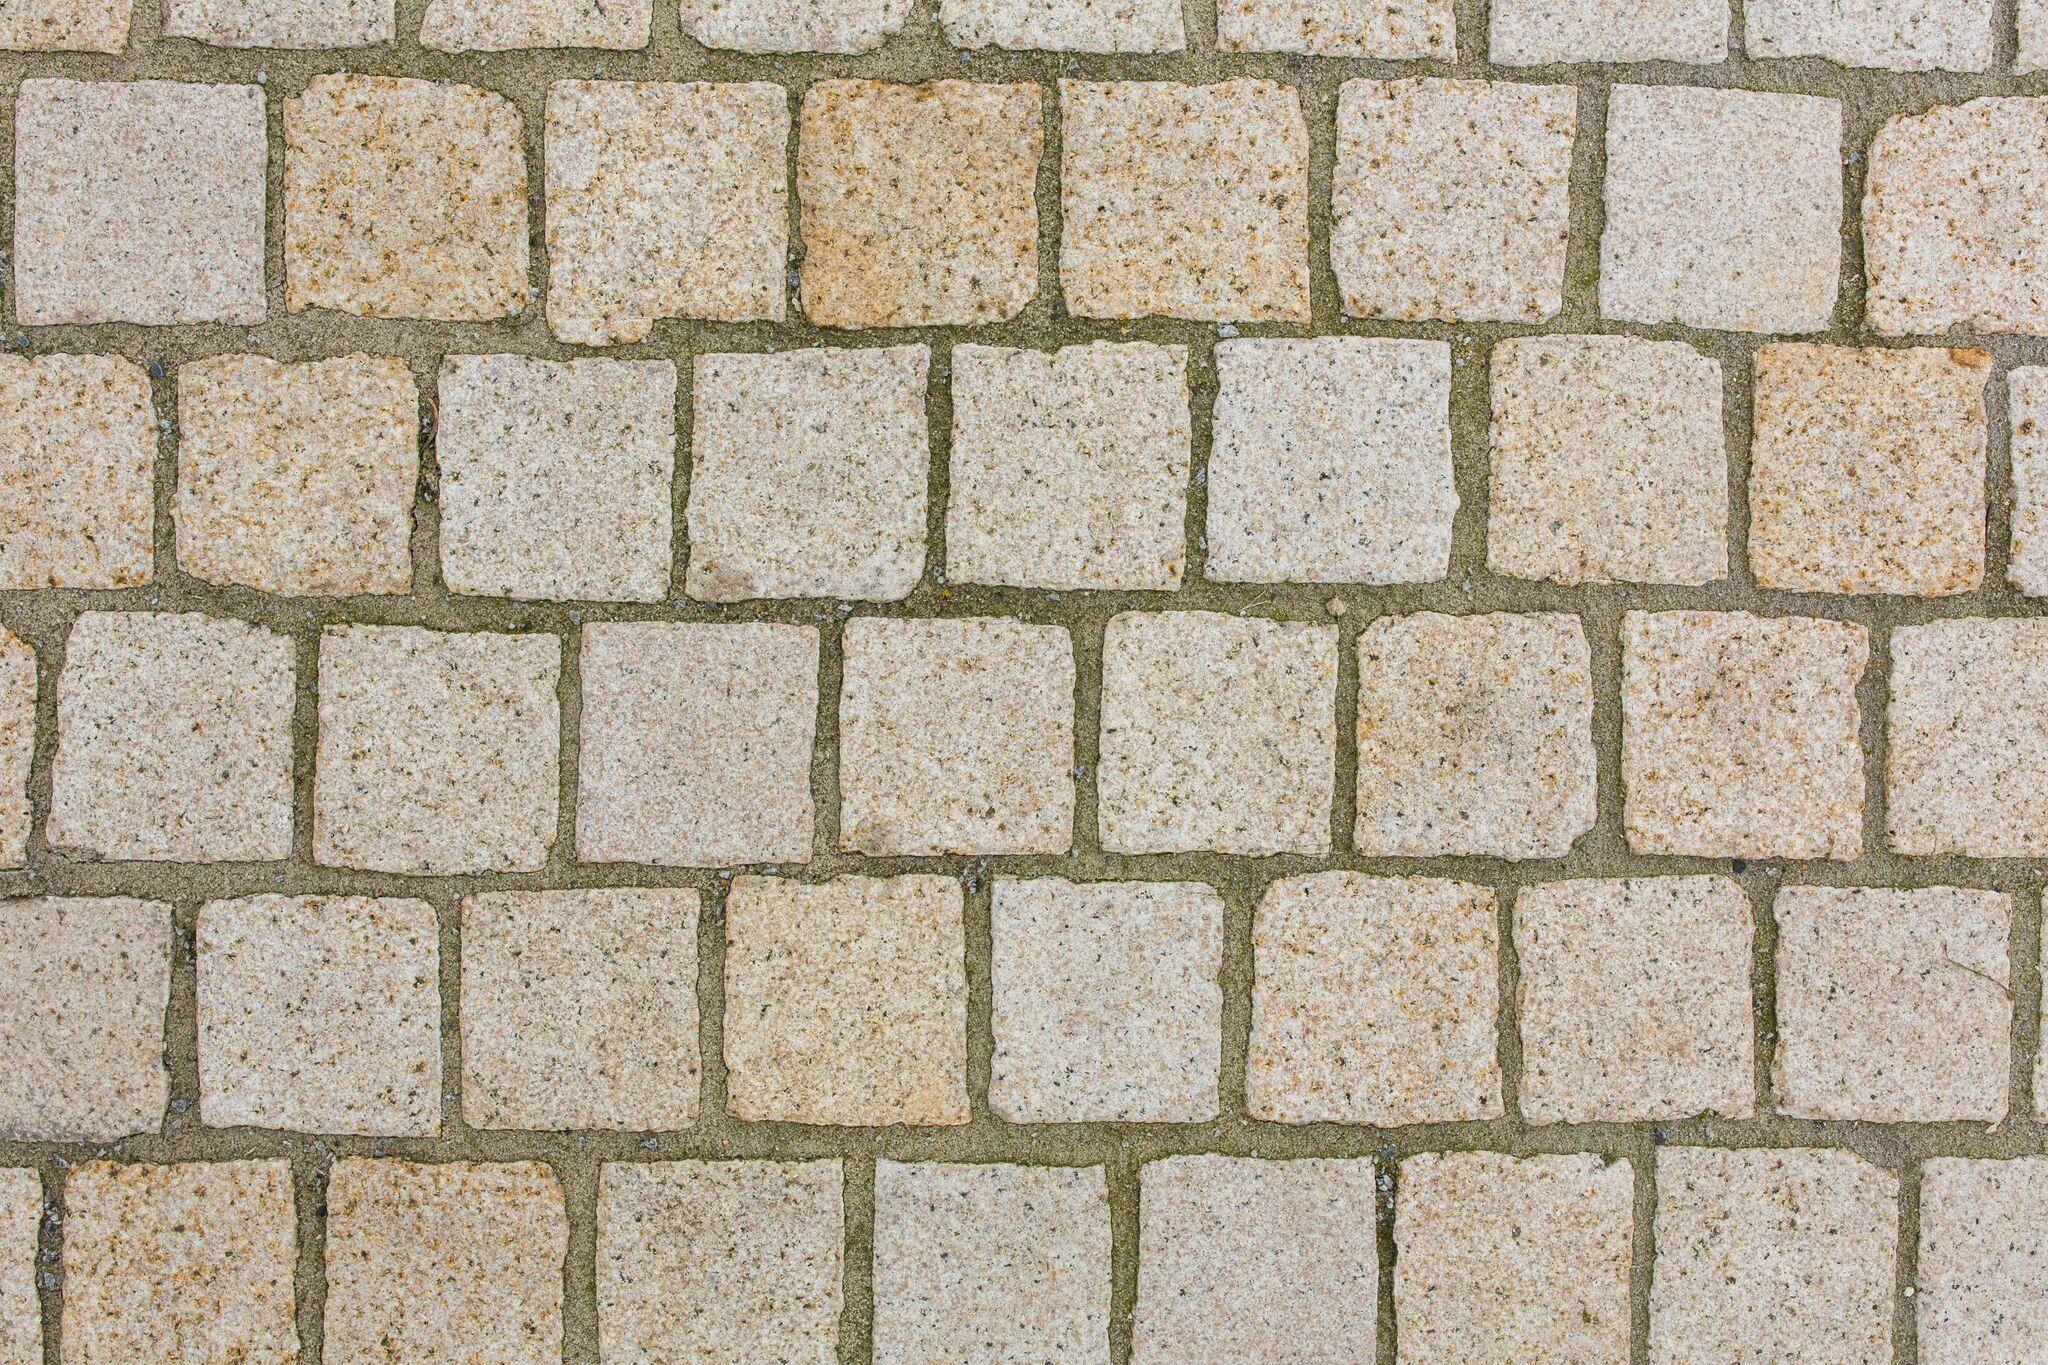 granit kleinpflaster gelb-grau 10x10x8 cm gesägt gestockt